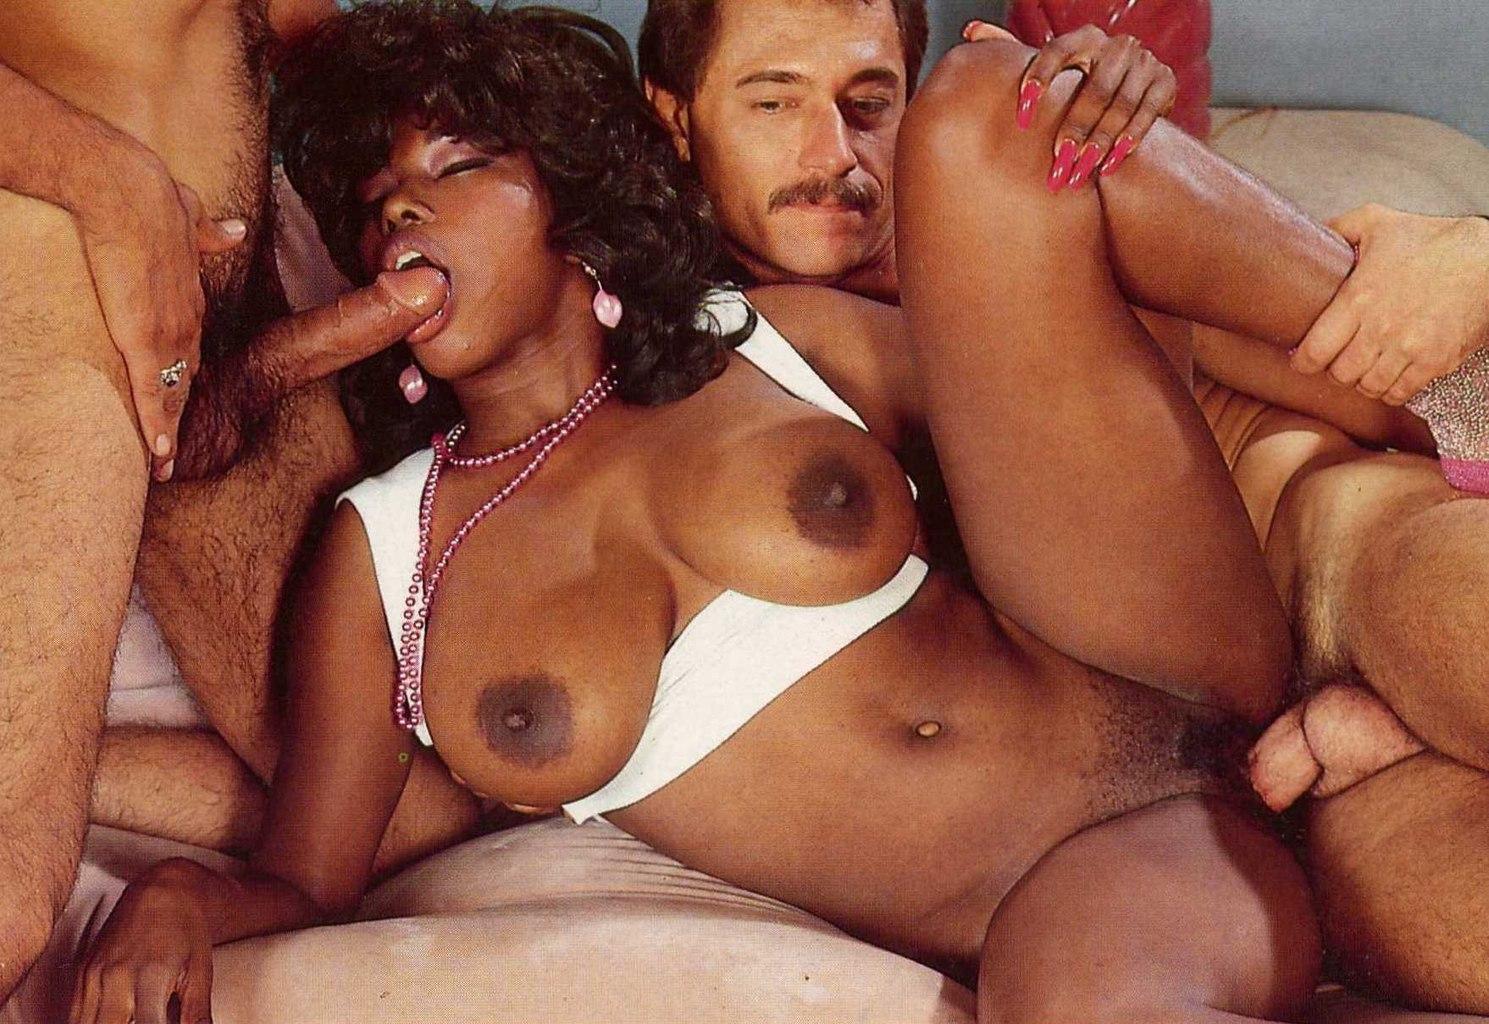 См порно актрису чичолина 3 фотография